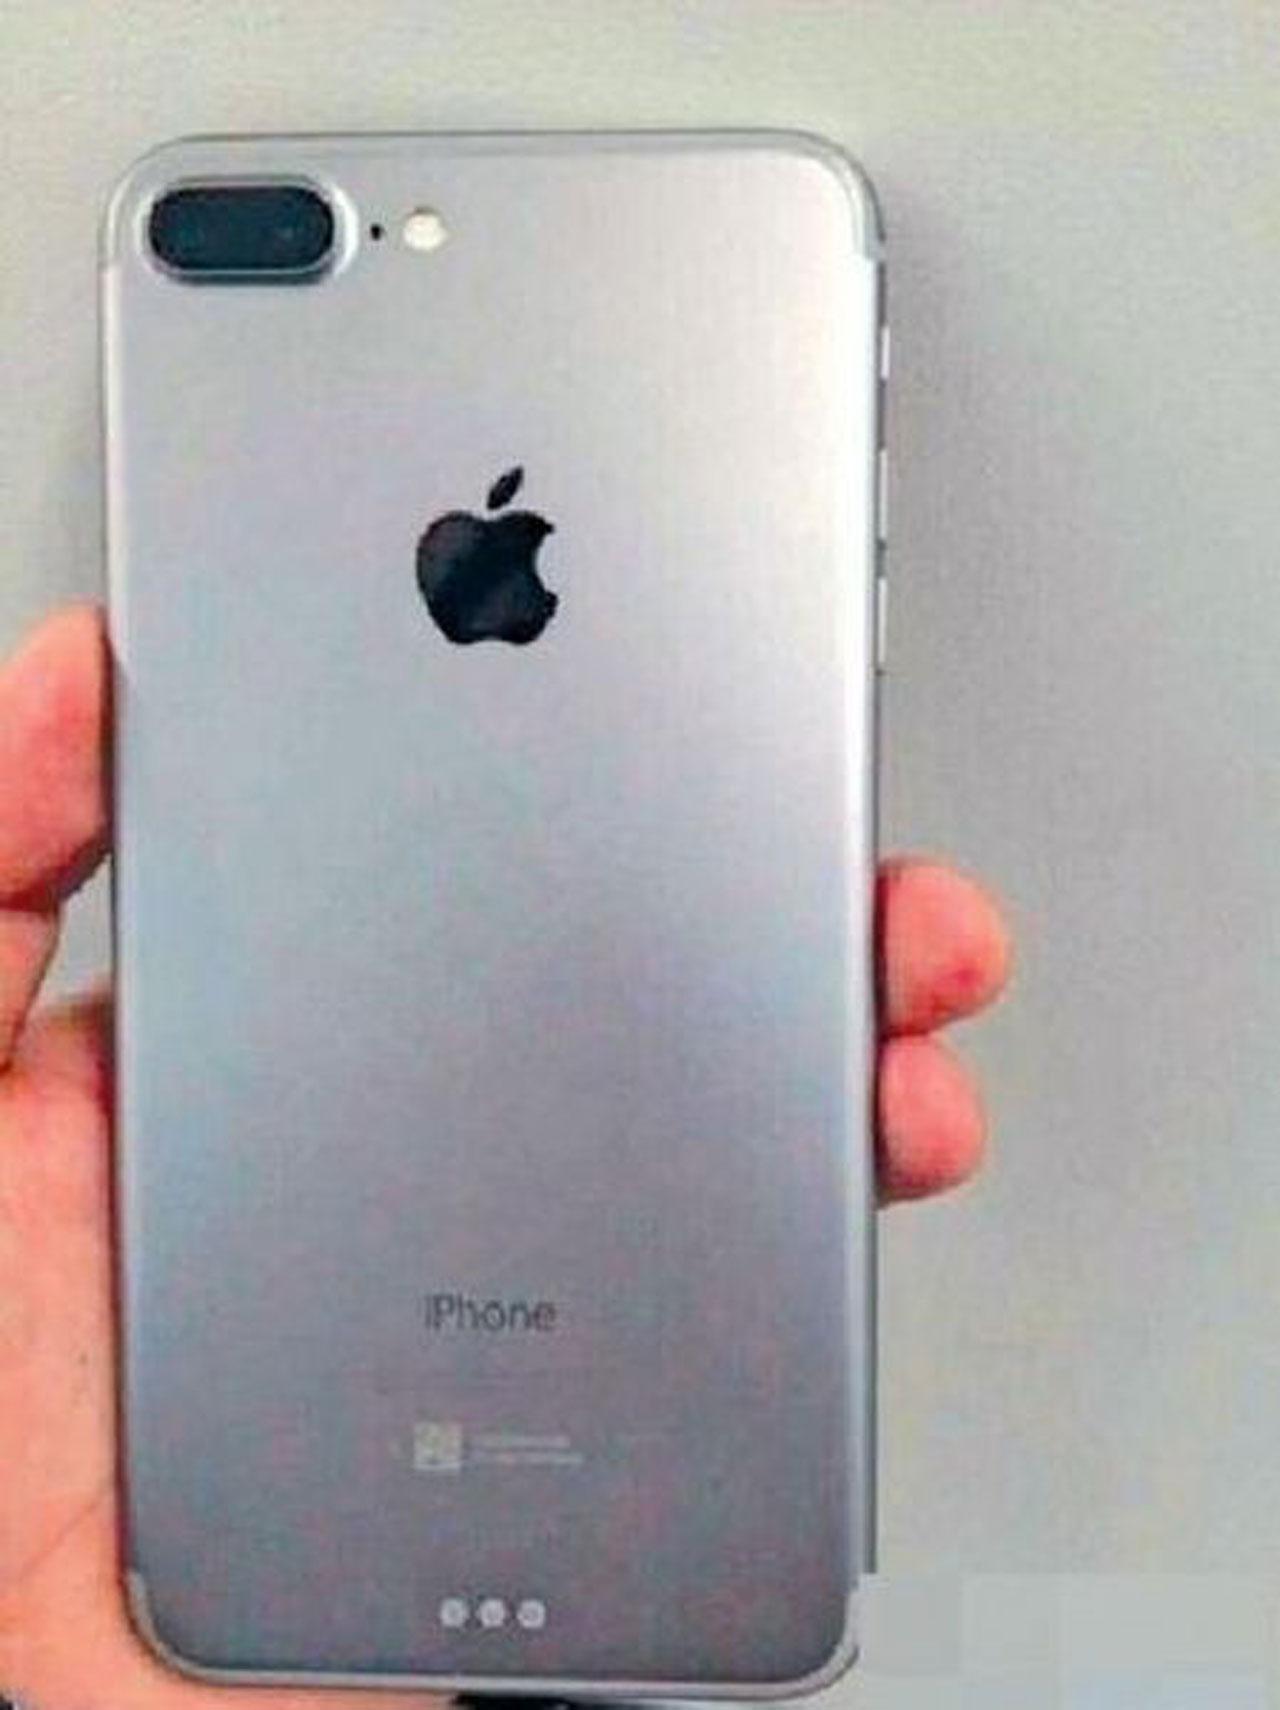 ภาพที่ถูกอ้างว่าเป็นภาพหลุดไอโฟน 7 พลัส